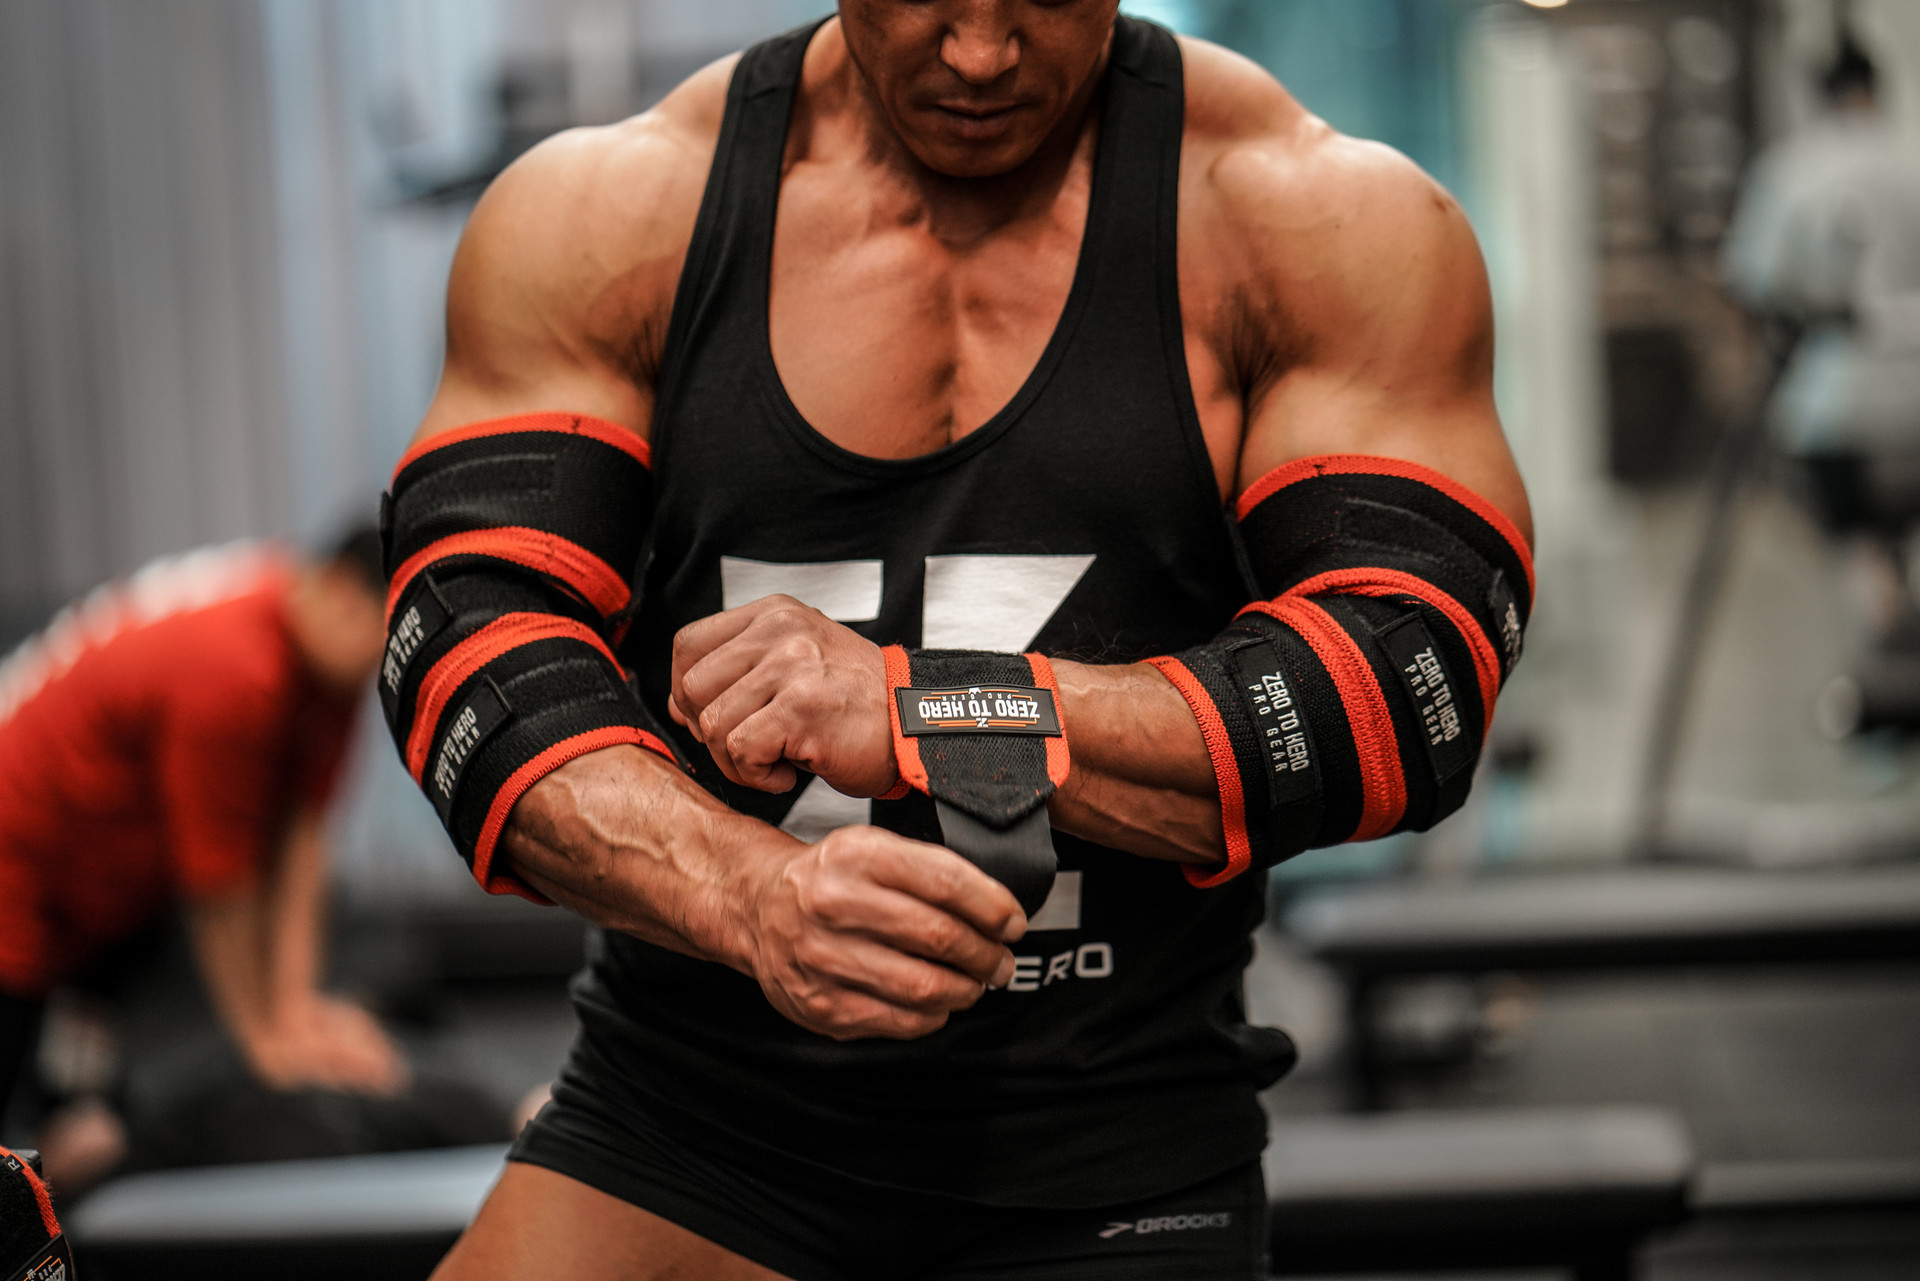 올림피안 김준호 선수의 히어로 레드 손목보호대와 히어로 프로 팔꿈치보호대 착용모습